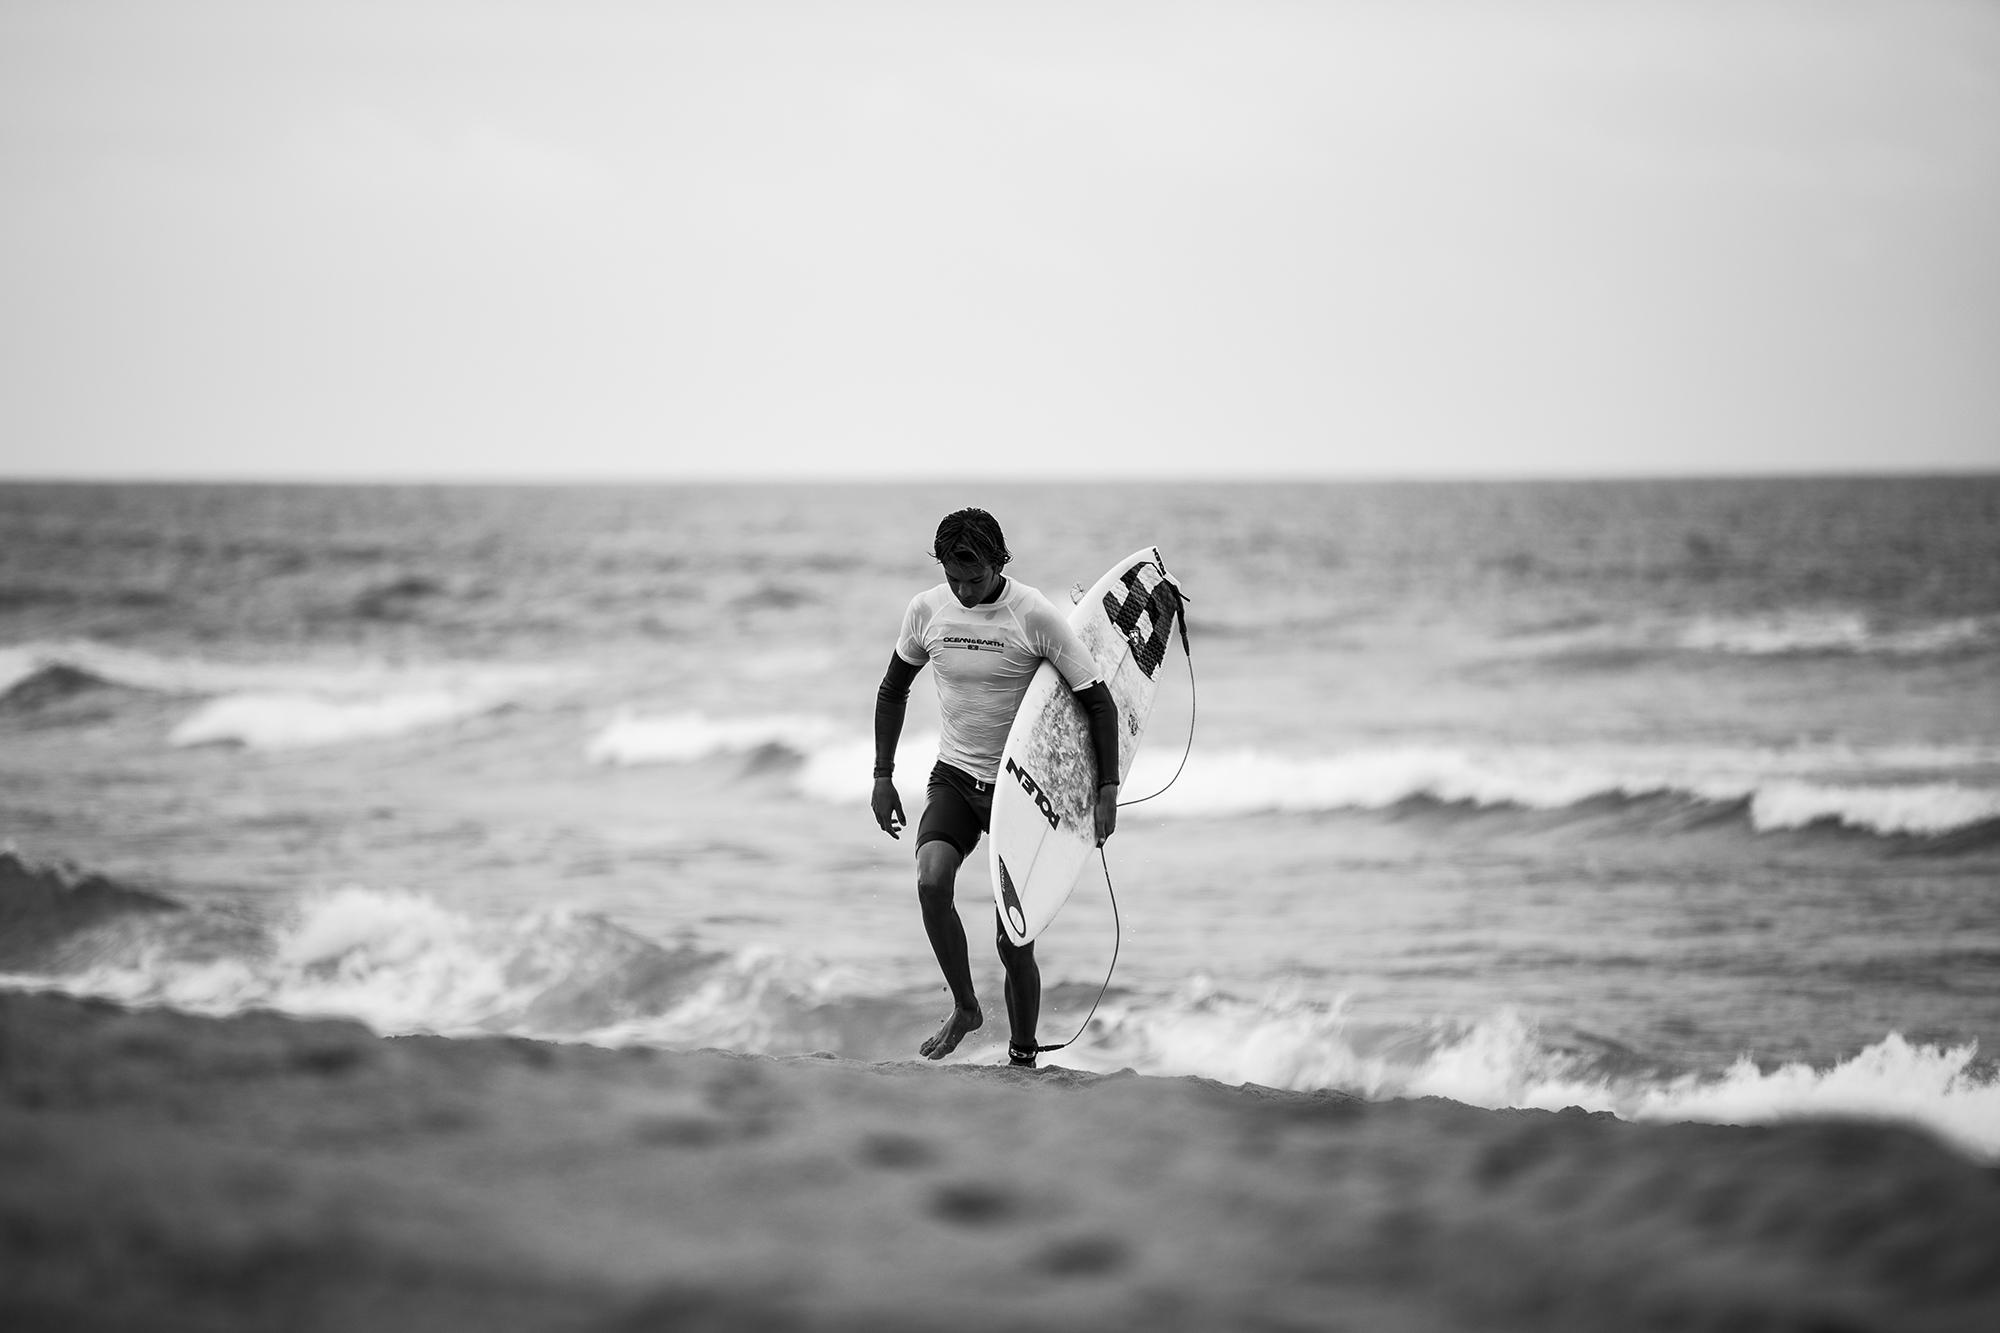 surf-nouvelle-aquitaine-under18-championships-2017-lacanau-we-creative-guillaume-arrieta